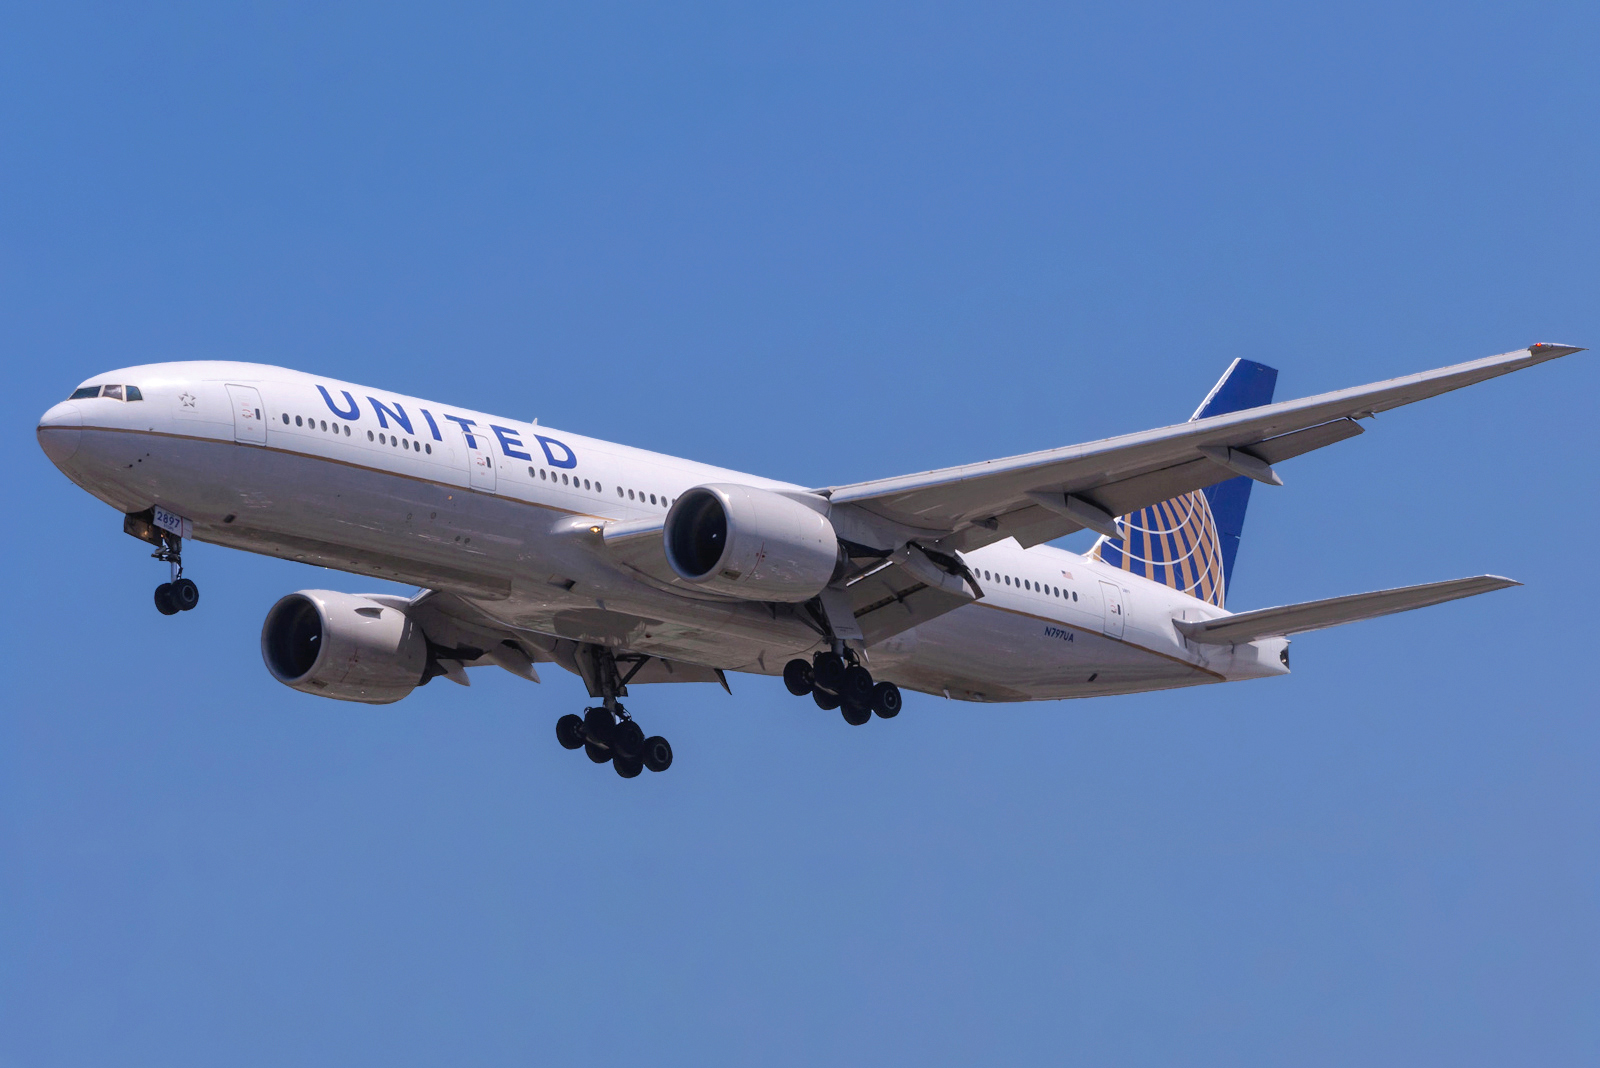 En Boeing 777-200ER fra United Airlines. Foto: Altair78, CC 2.0